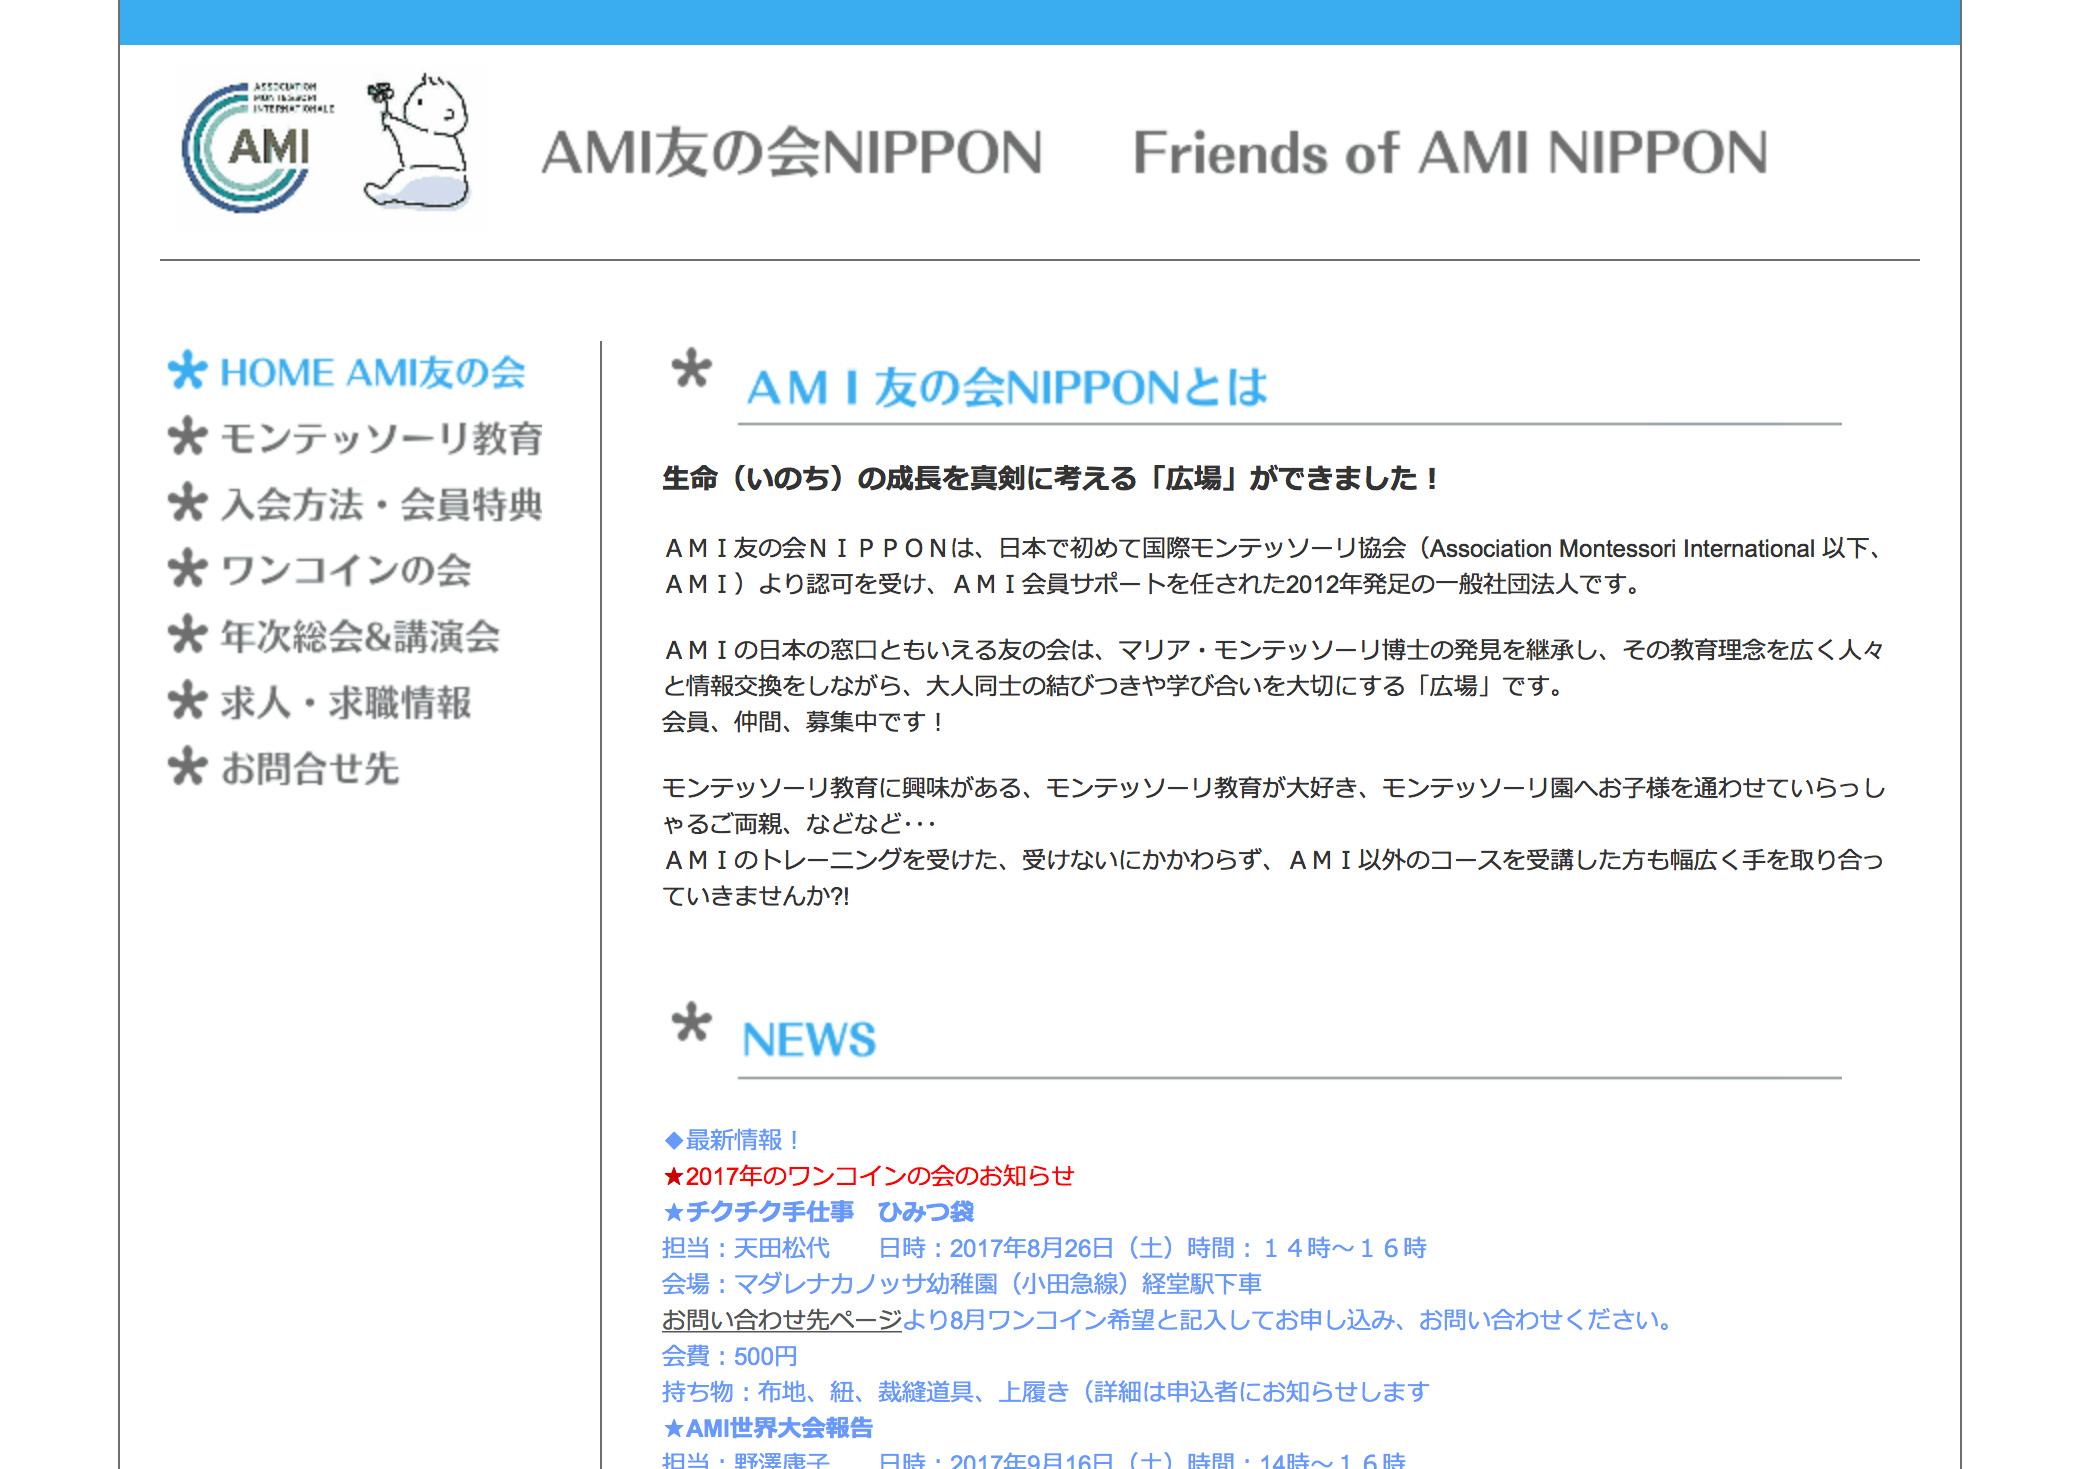 AMI友の会NIPPONのホームページ